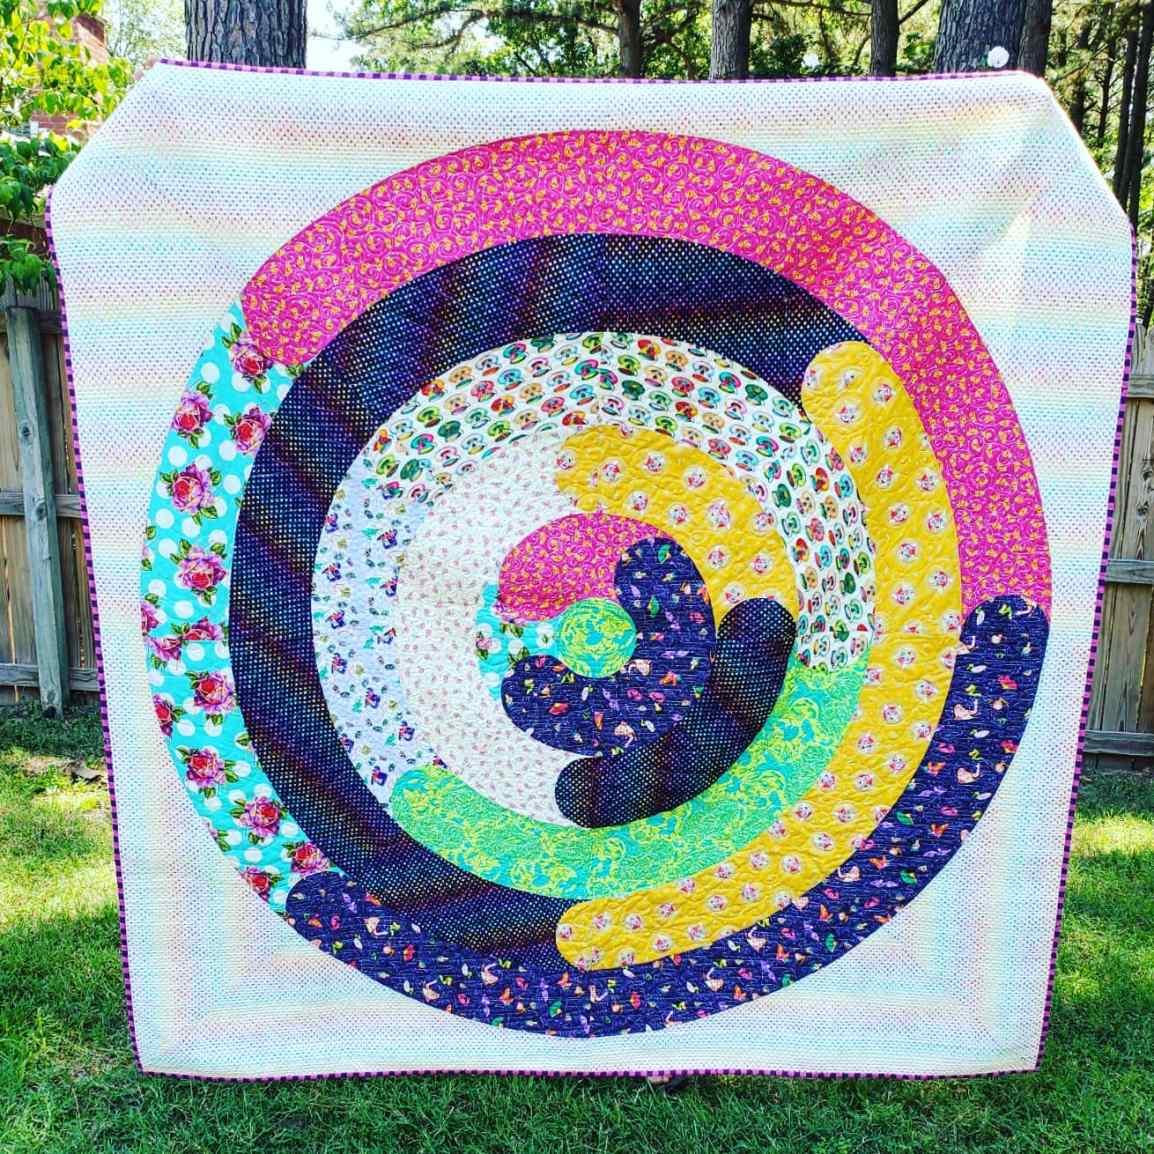 orbital quilt pattern by geeky bobbin. quilt made by Meg Cullum